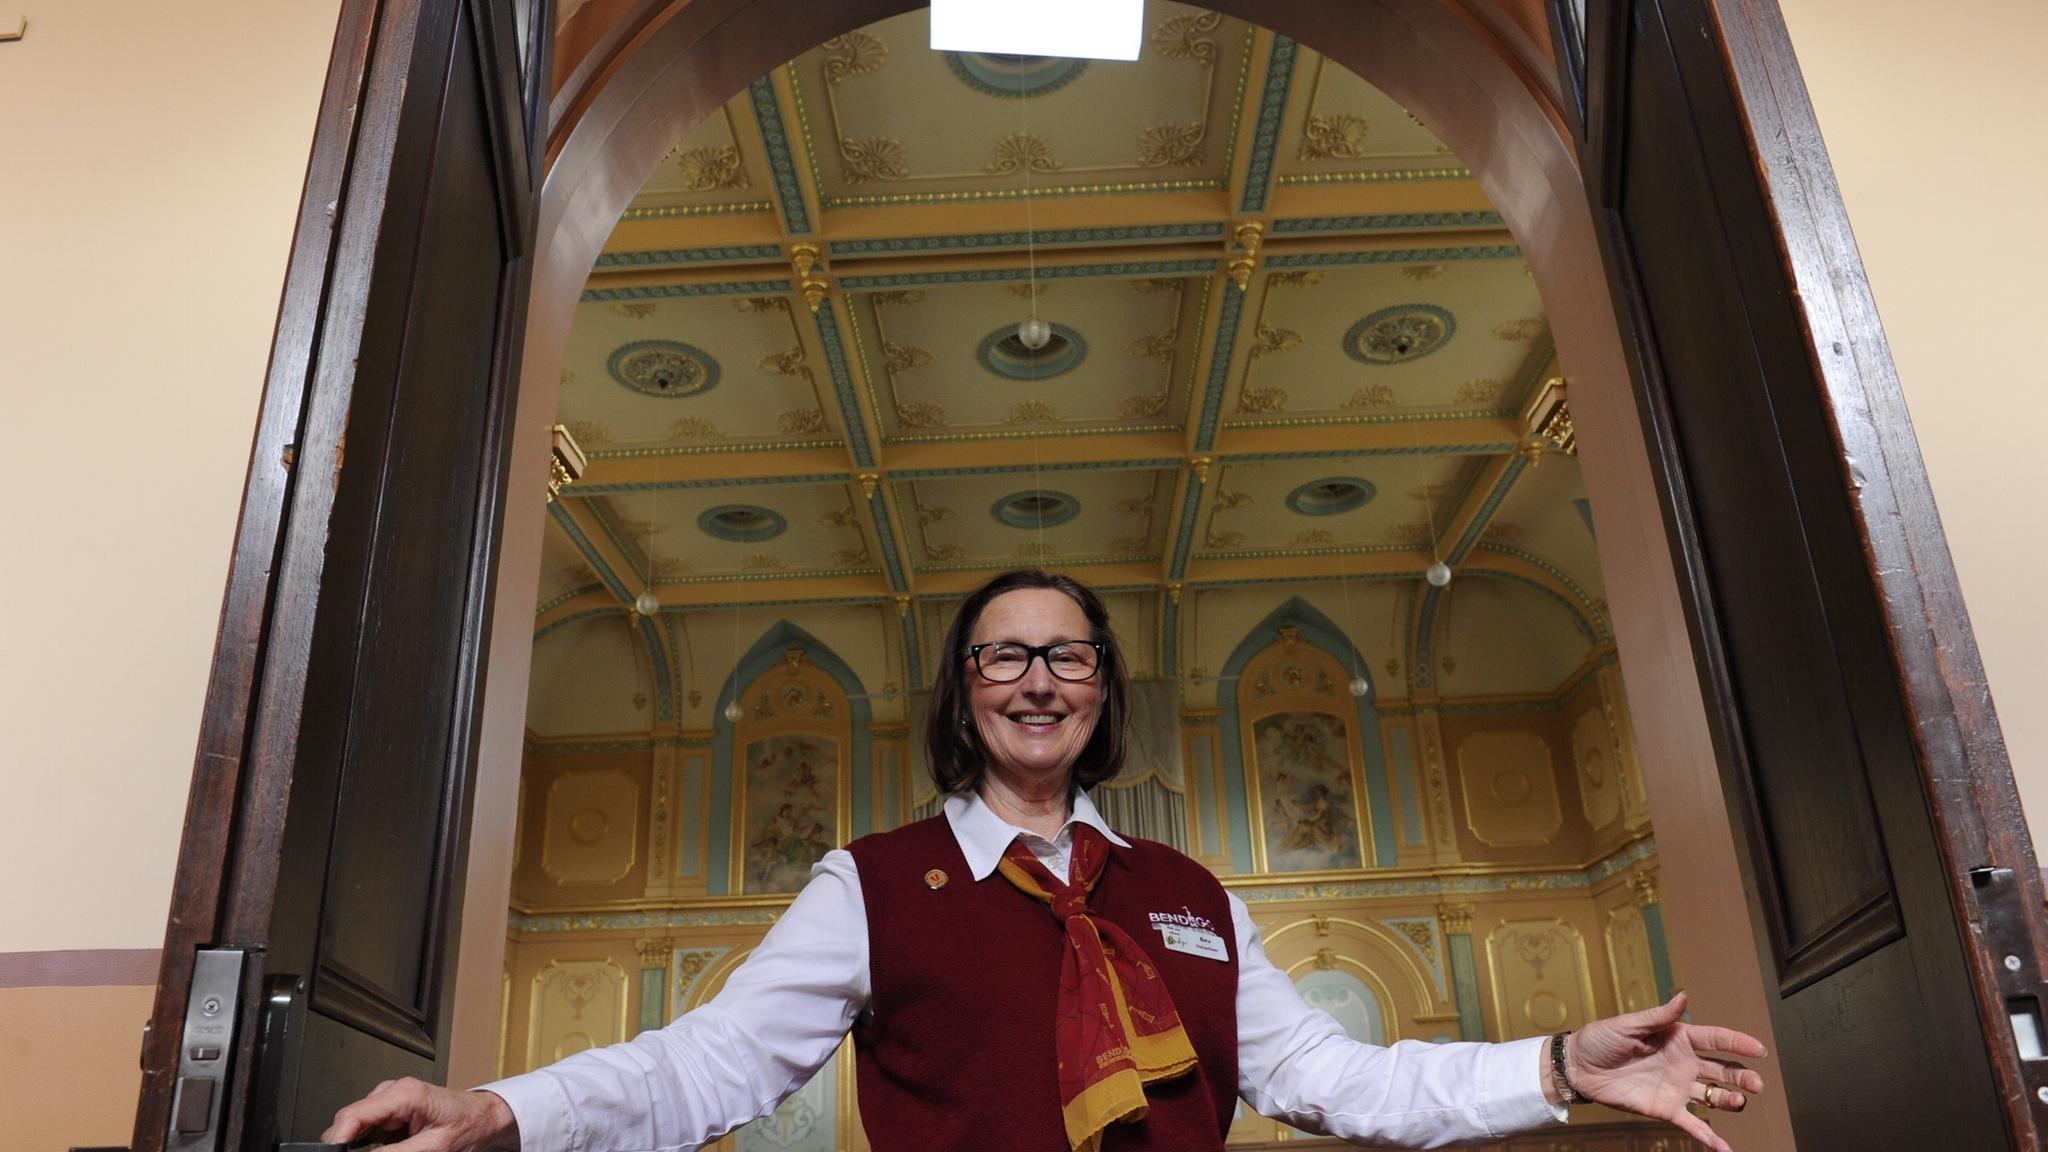 Bendigo Town Hall Tour